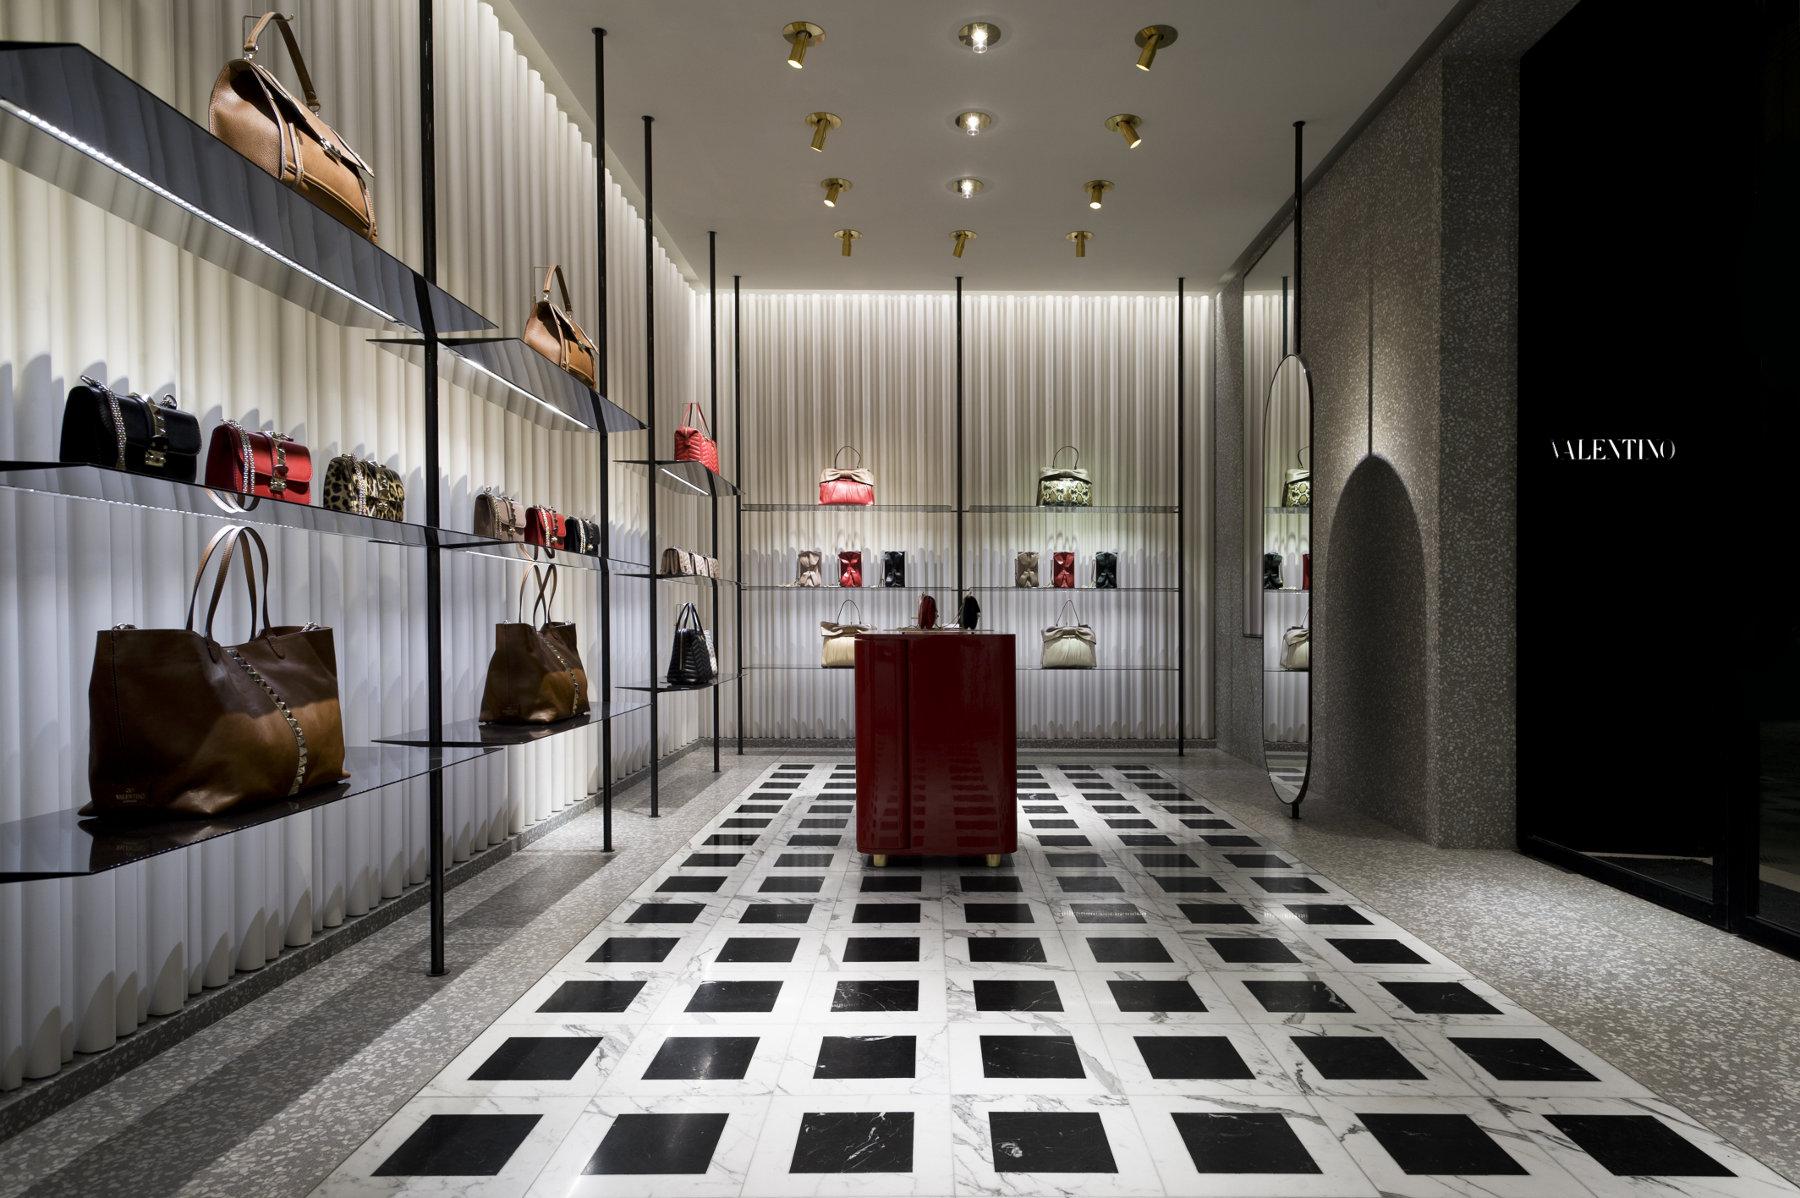 Valentino - New Store Concept by Maria Grazia Chiuri, Pierpaolo Piccioli and David Chipperfield